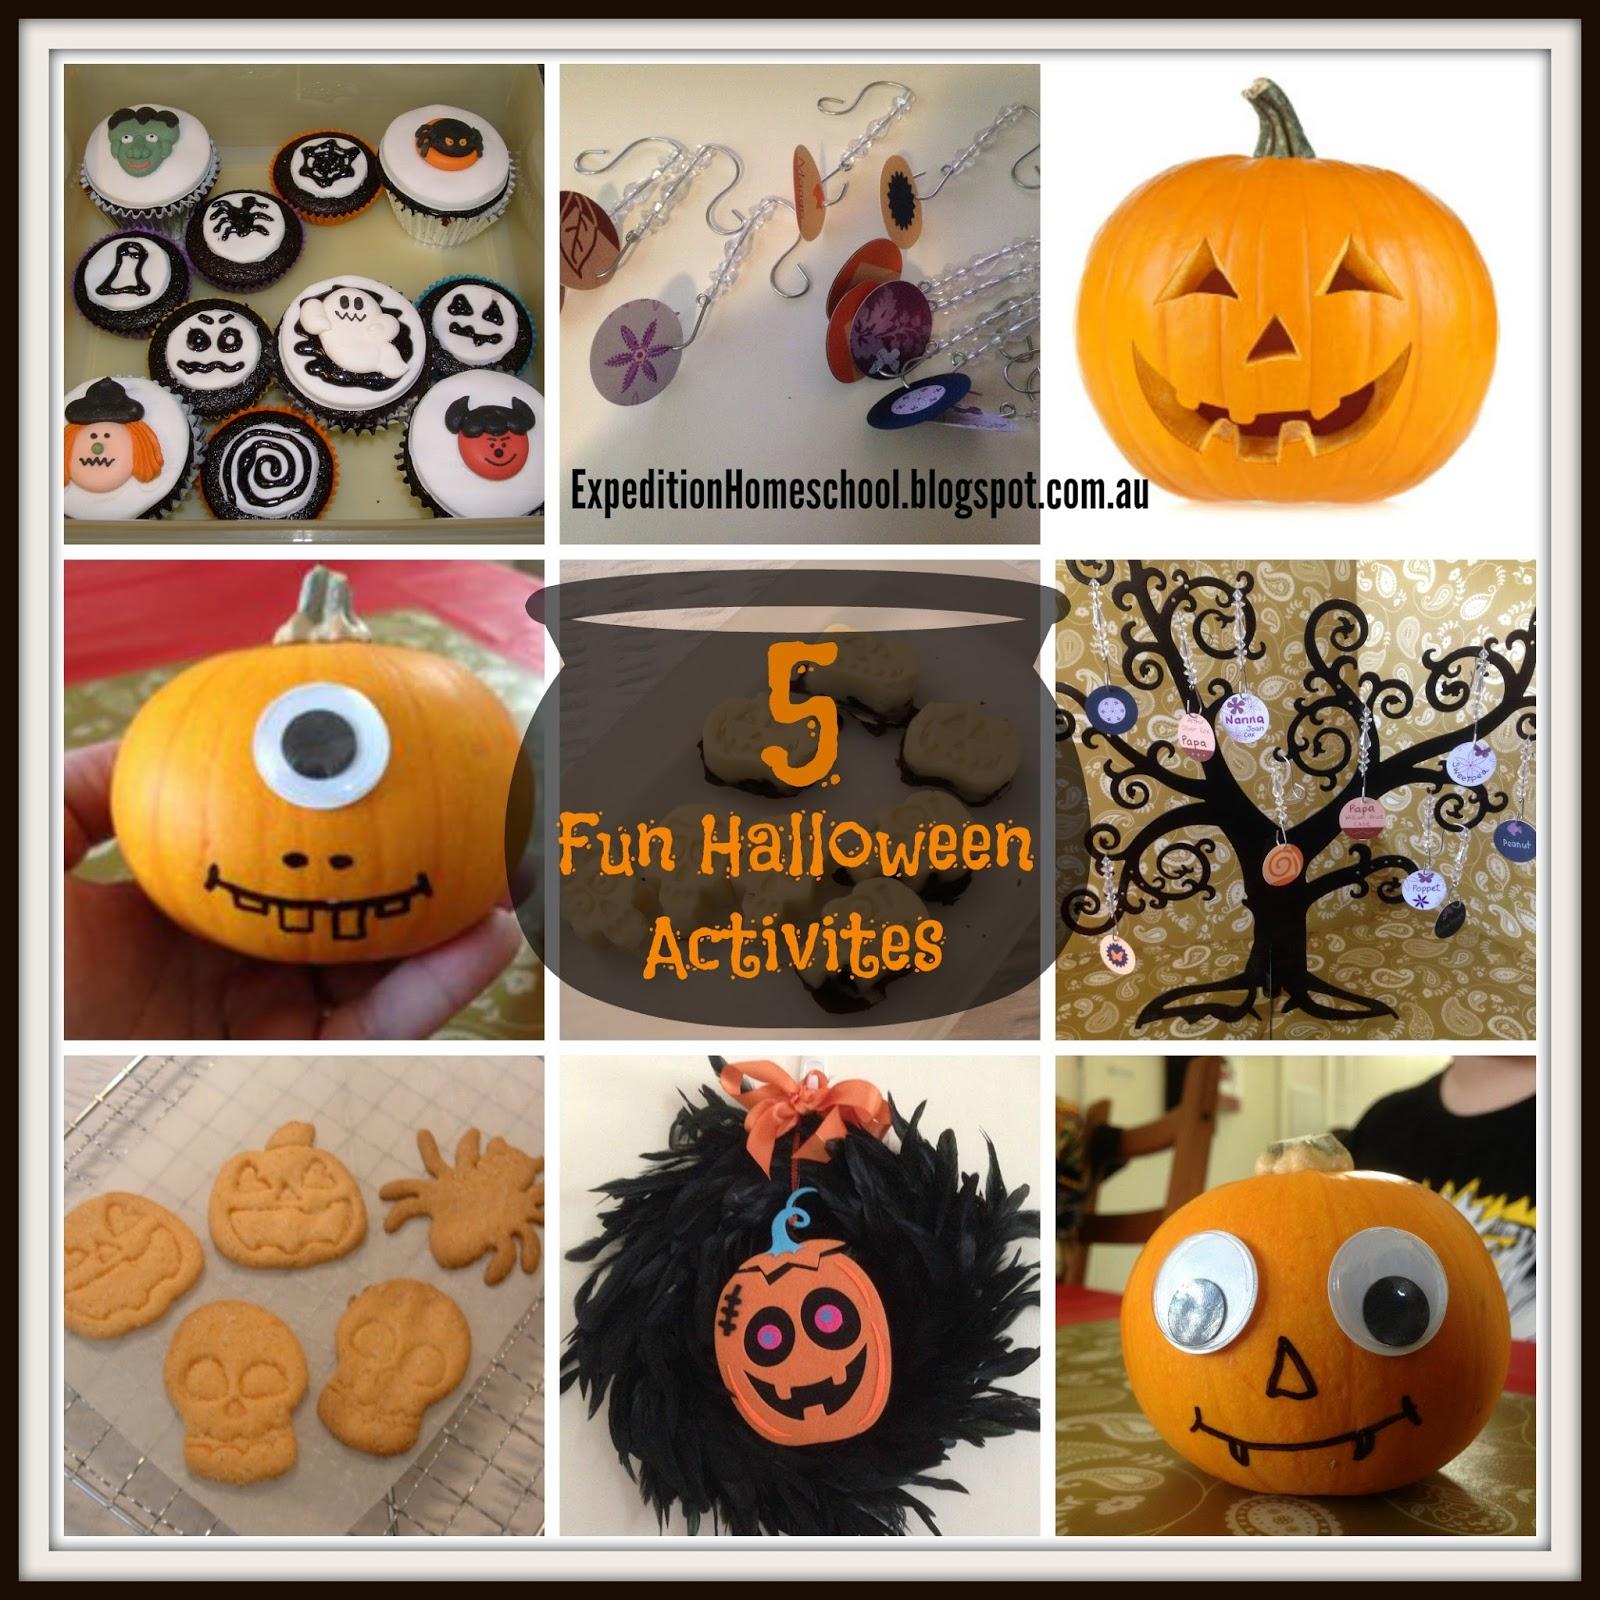 Expedition Homeschool 5 Fun Halloween Activities